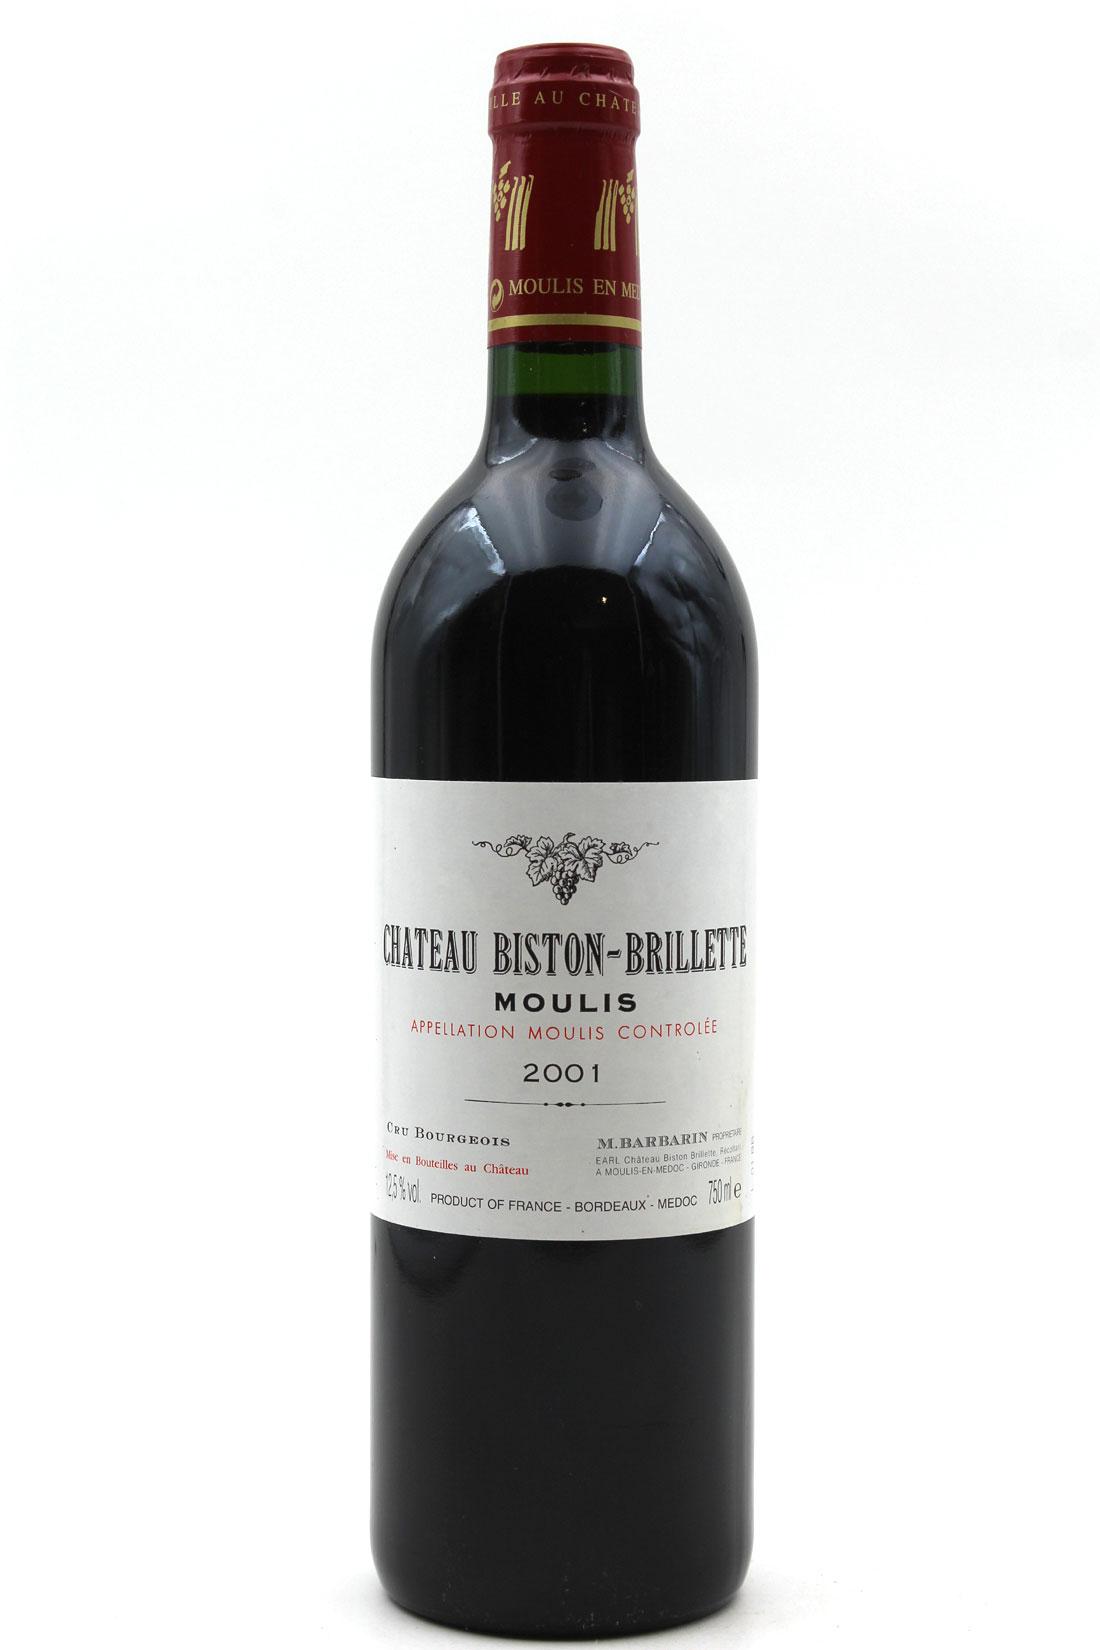 Château Biston-Brillette 2001 - Rouge - 75cl - AOC Moulis